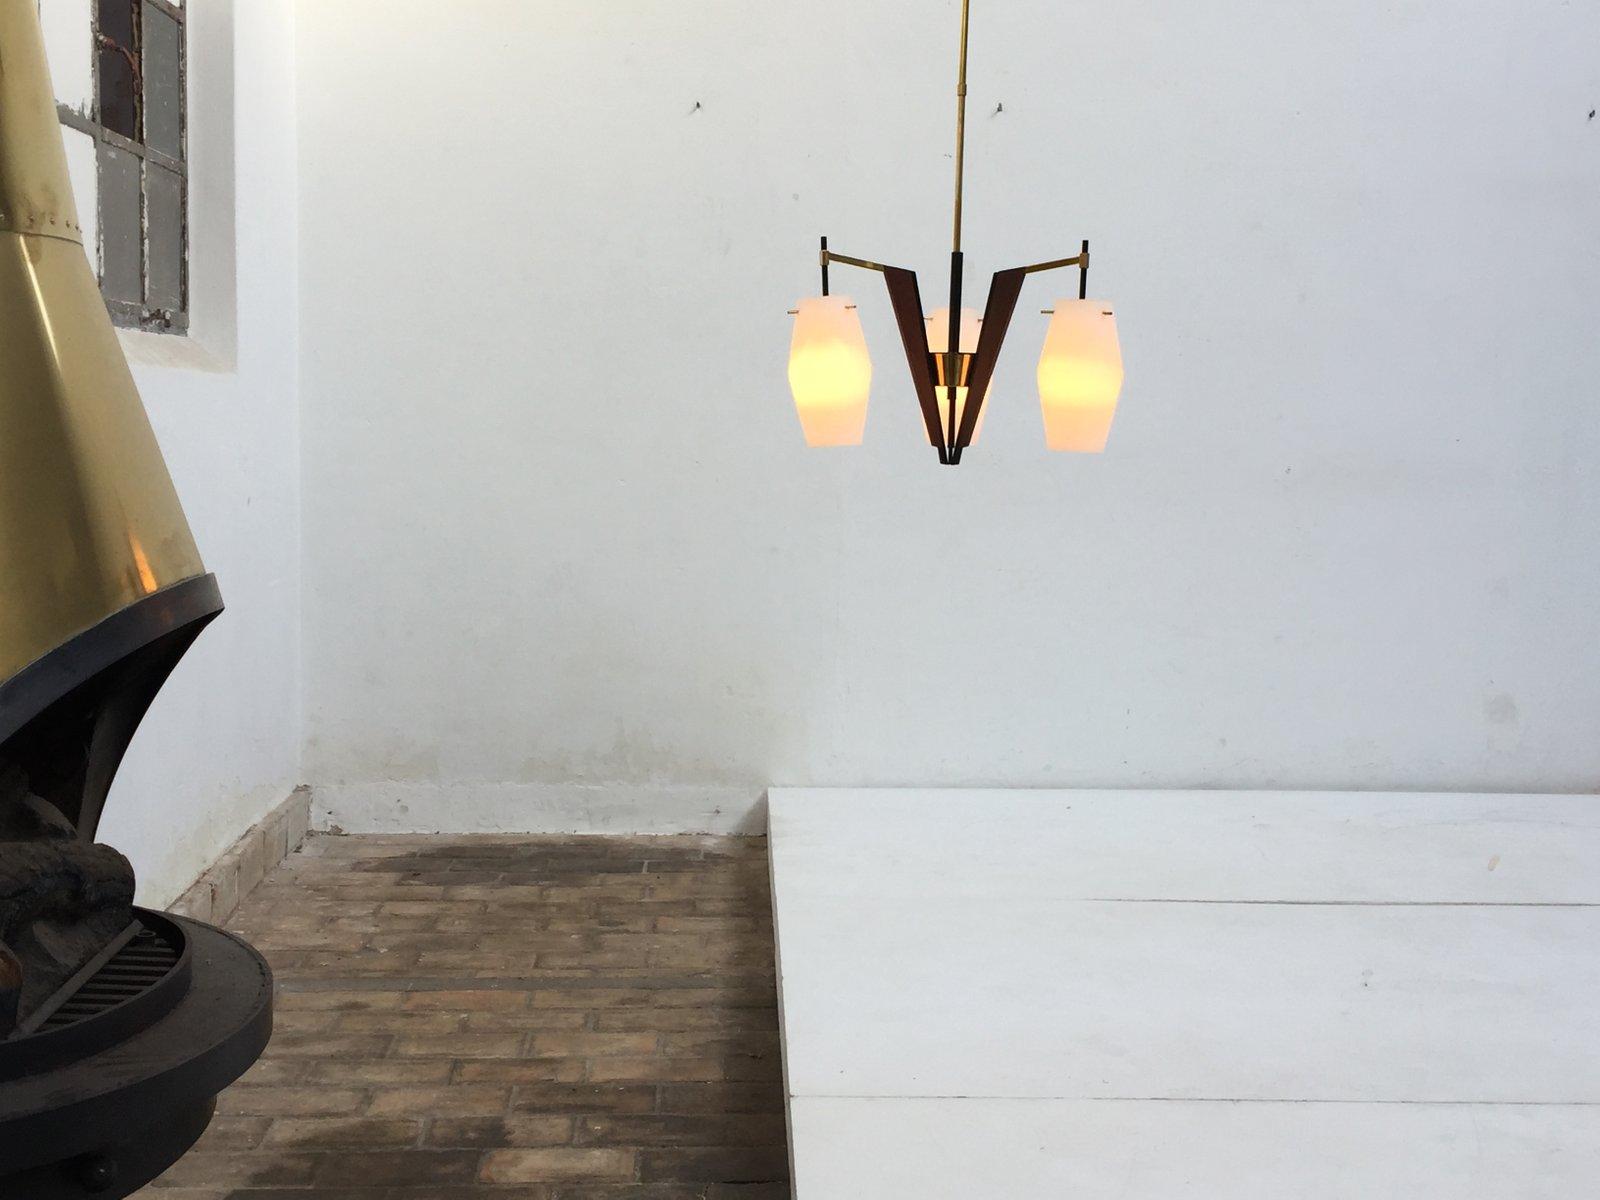 Lampadario In Legno Wood Mania : Lampada a sospensione in teak e ottone italia in vendita su pamono